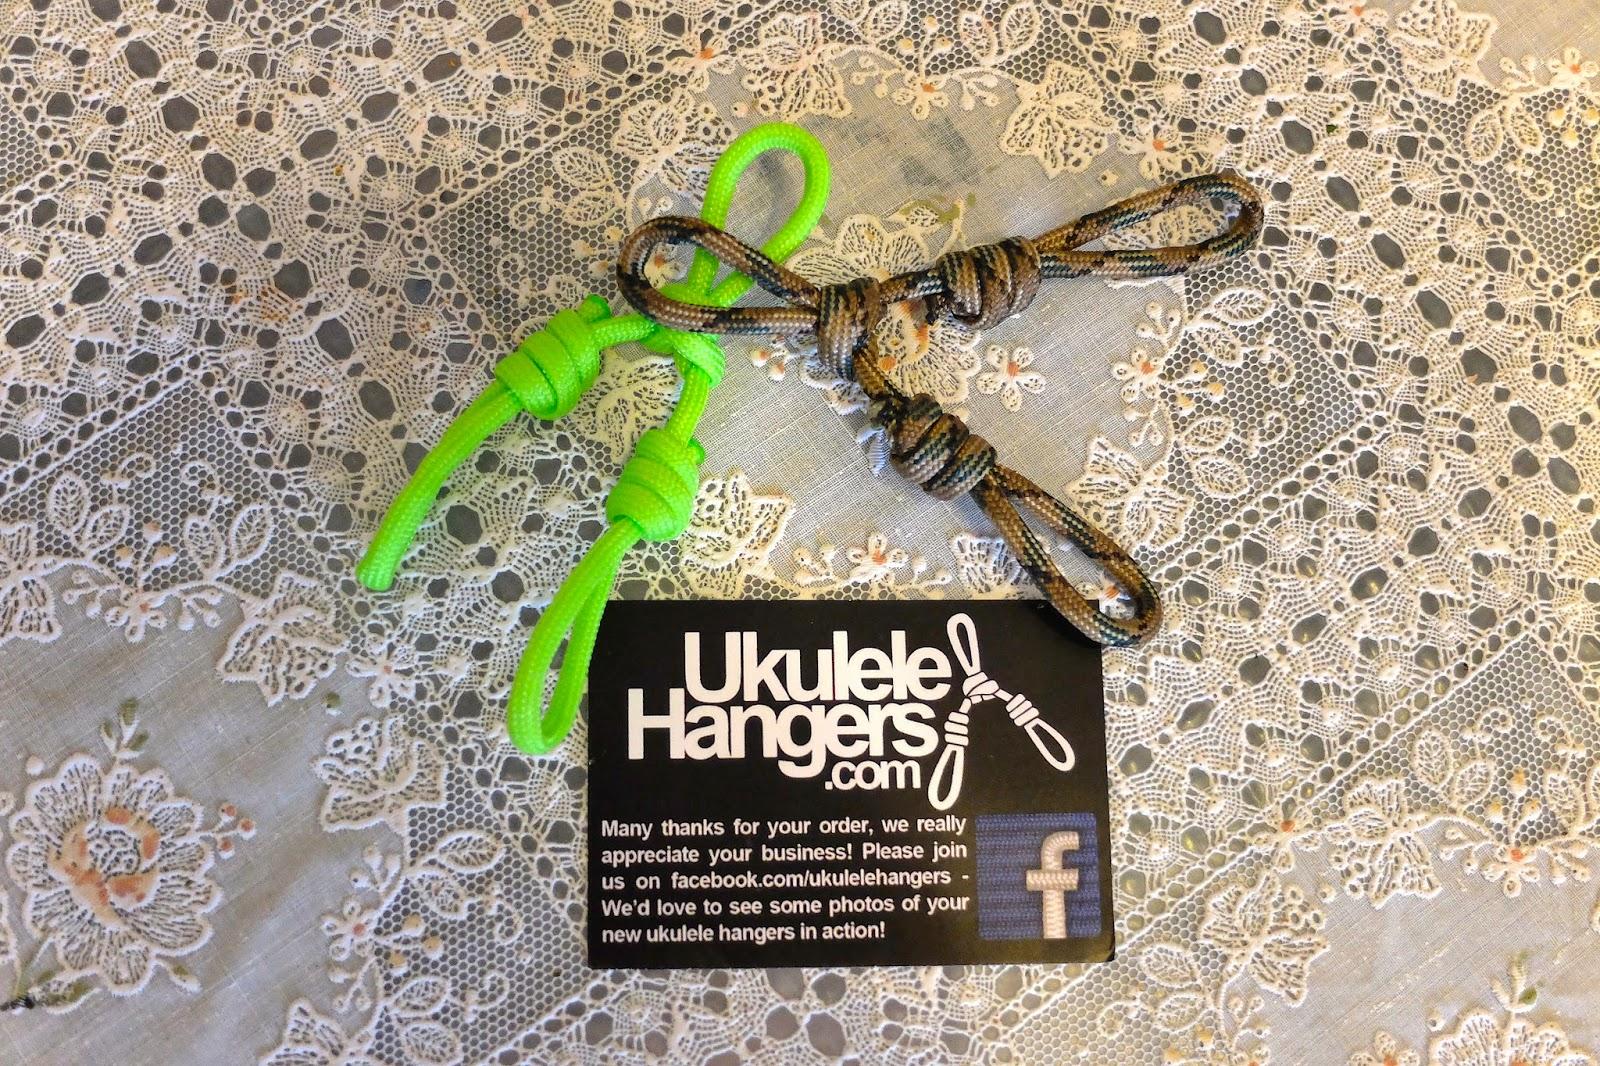 ukulele hangers